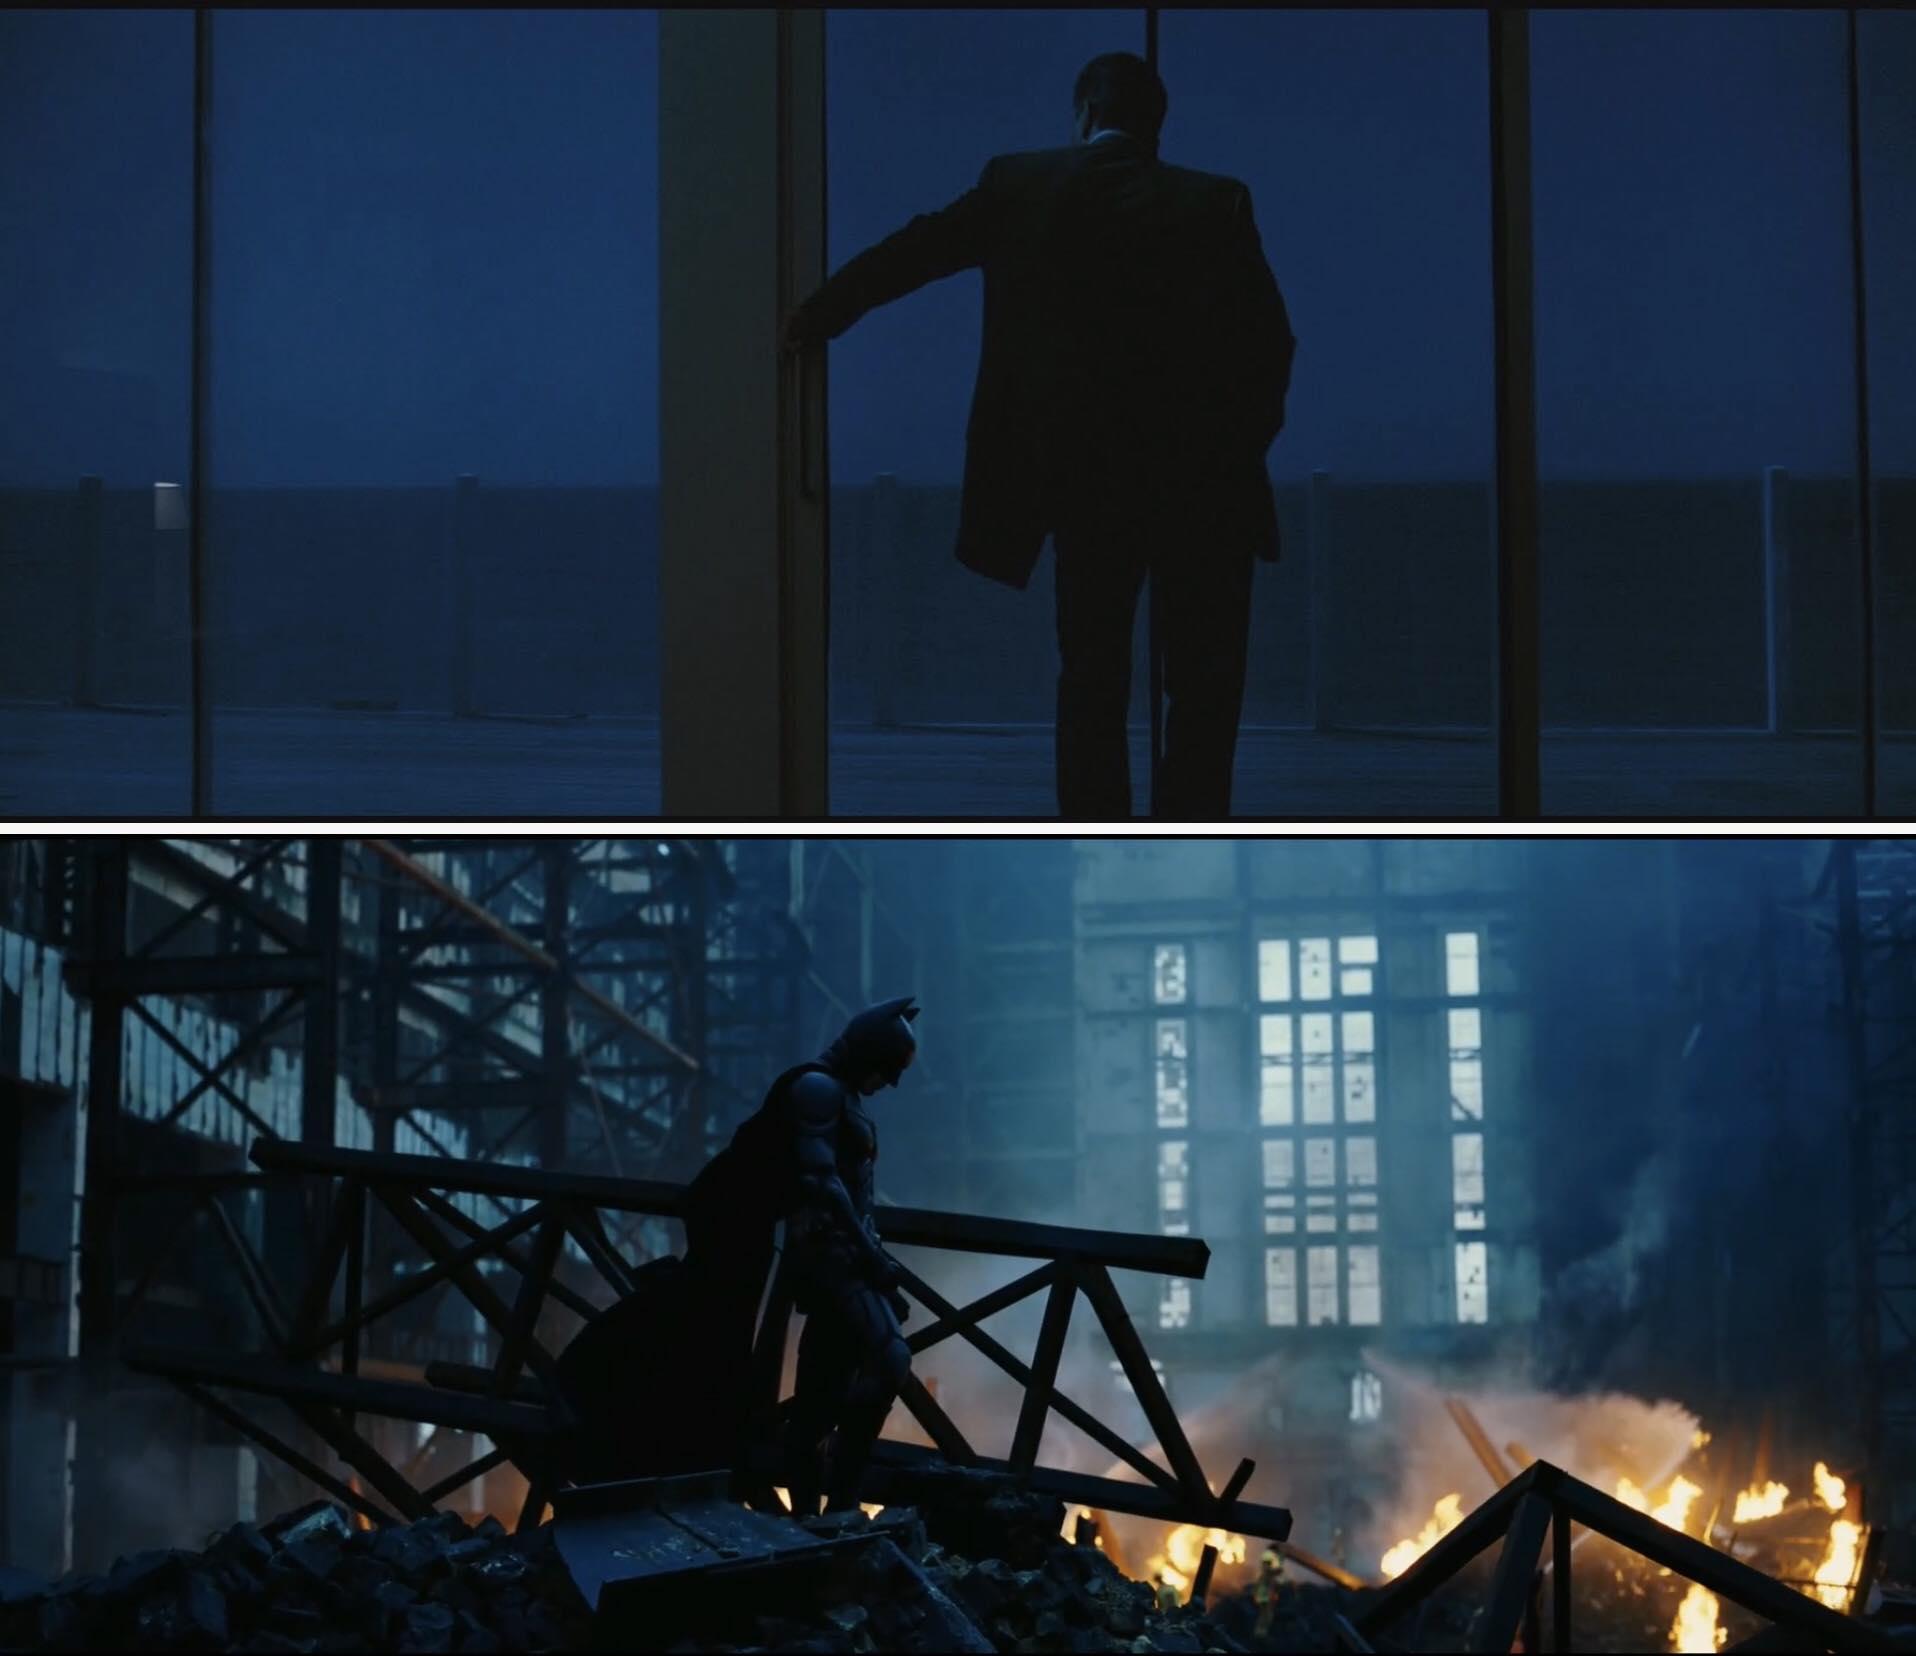 Heat, Michael Mann, 1995 và The Dark Knight, Christopher Nolan, 2008 'Tôi luôn cảm thấy rằng Heat là một ví dụ xuất sắc của việc bạn có thể tạo ra một vũ trụ rộng lớn chỉ trong phạm vi một thành phố cũng như khả năng giữ cân bằng một cách hiệu quả giữa một lượng lớn các nhân vật và hành trình cảm xúc của họ.' (Christopher Nolan)